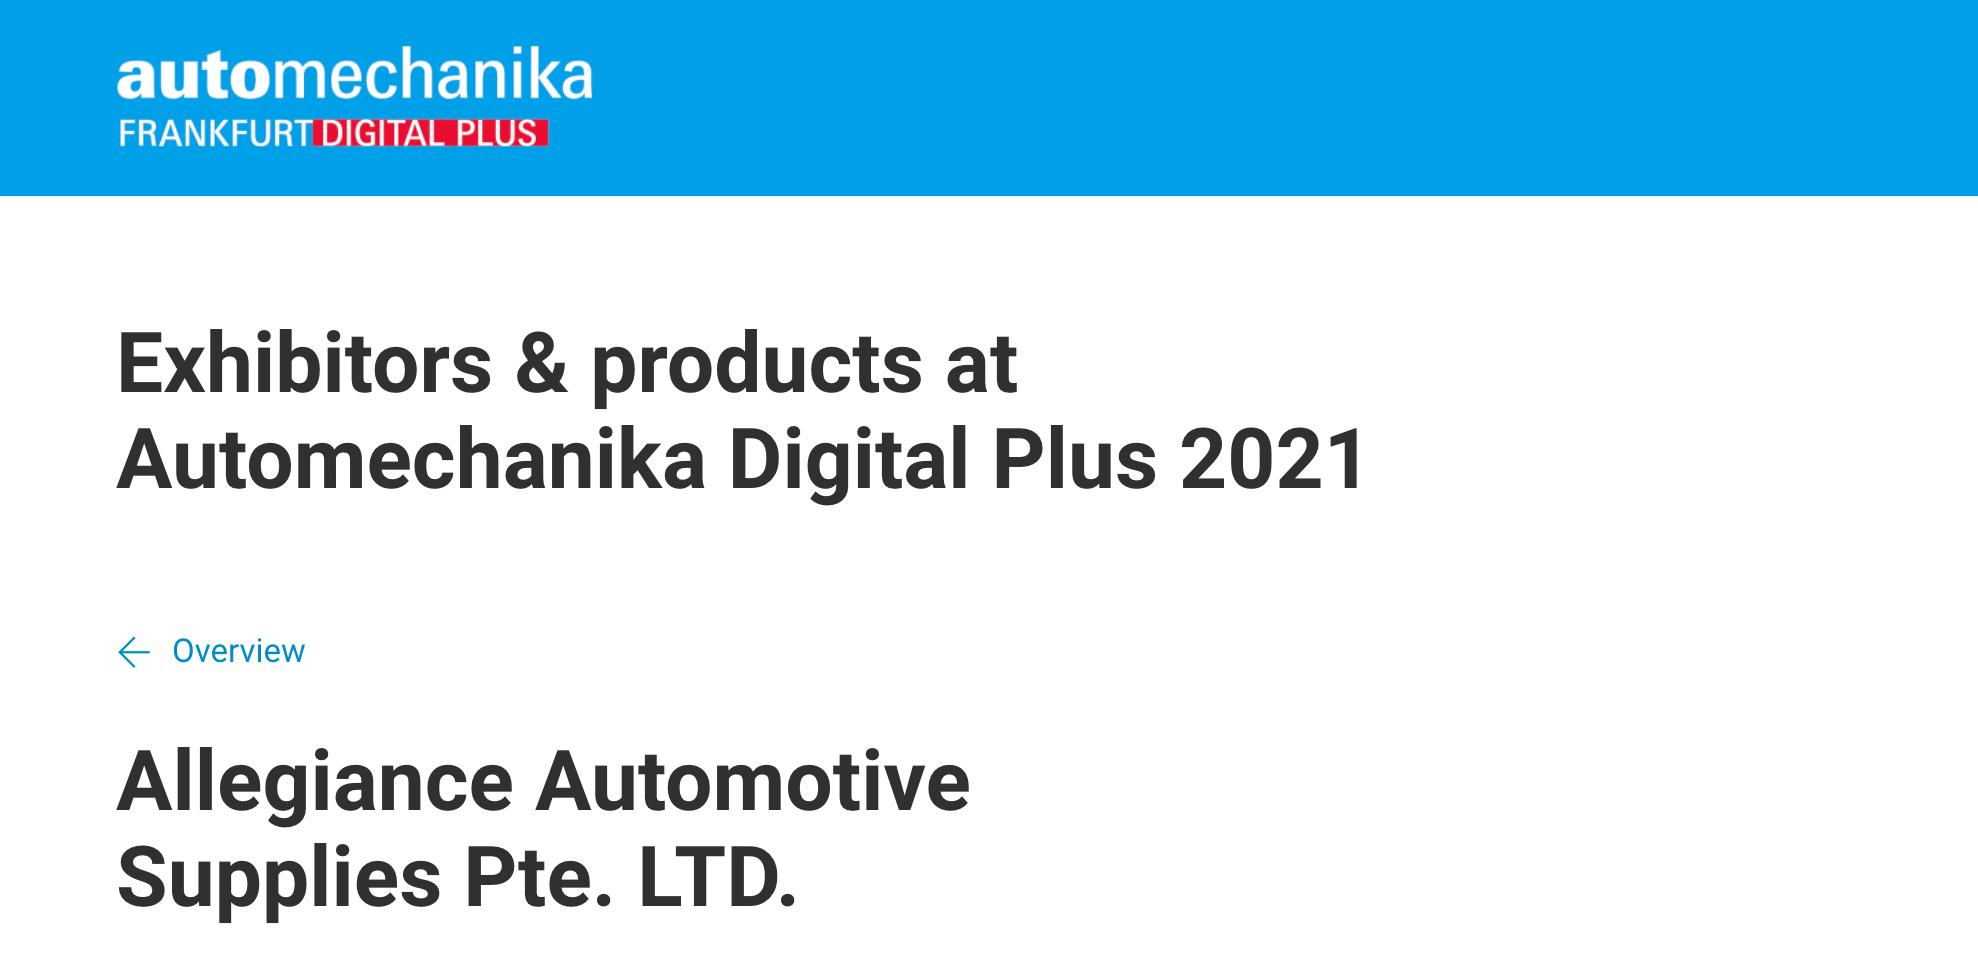 AAS automechanika digital plus 2021